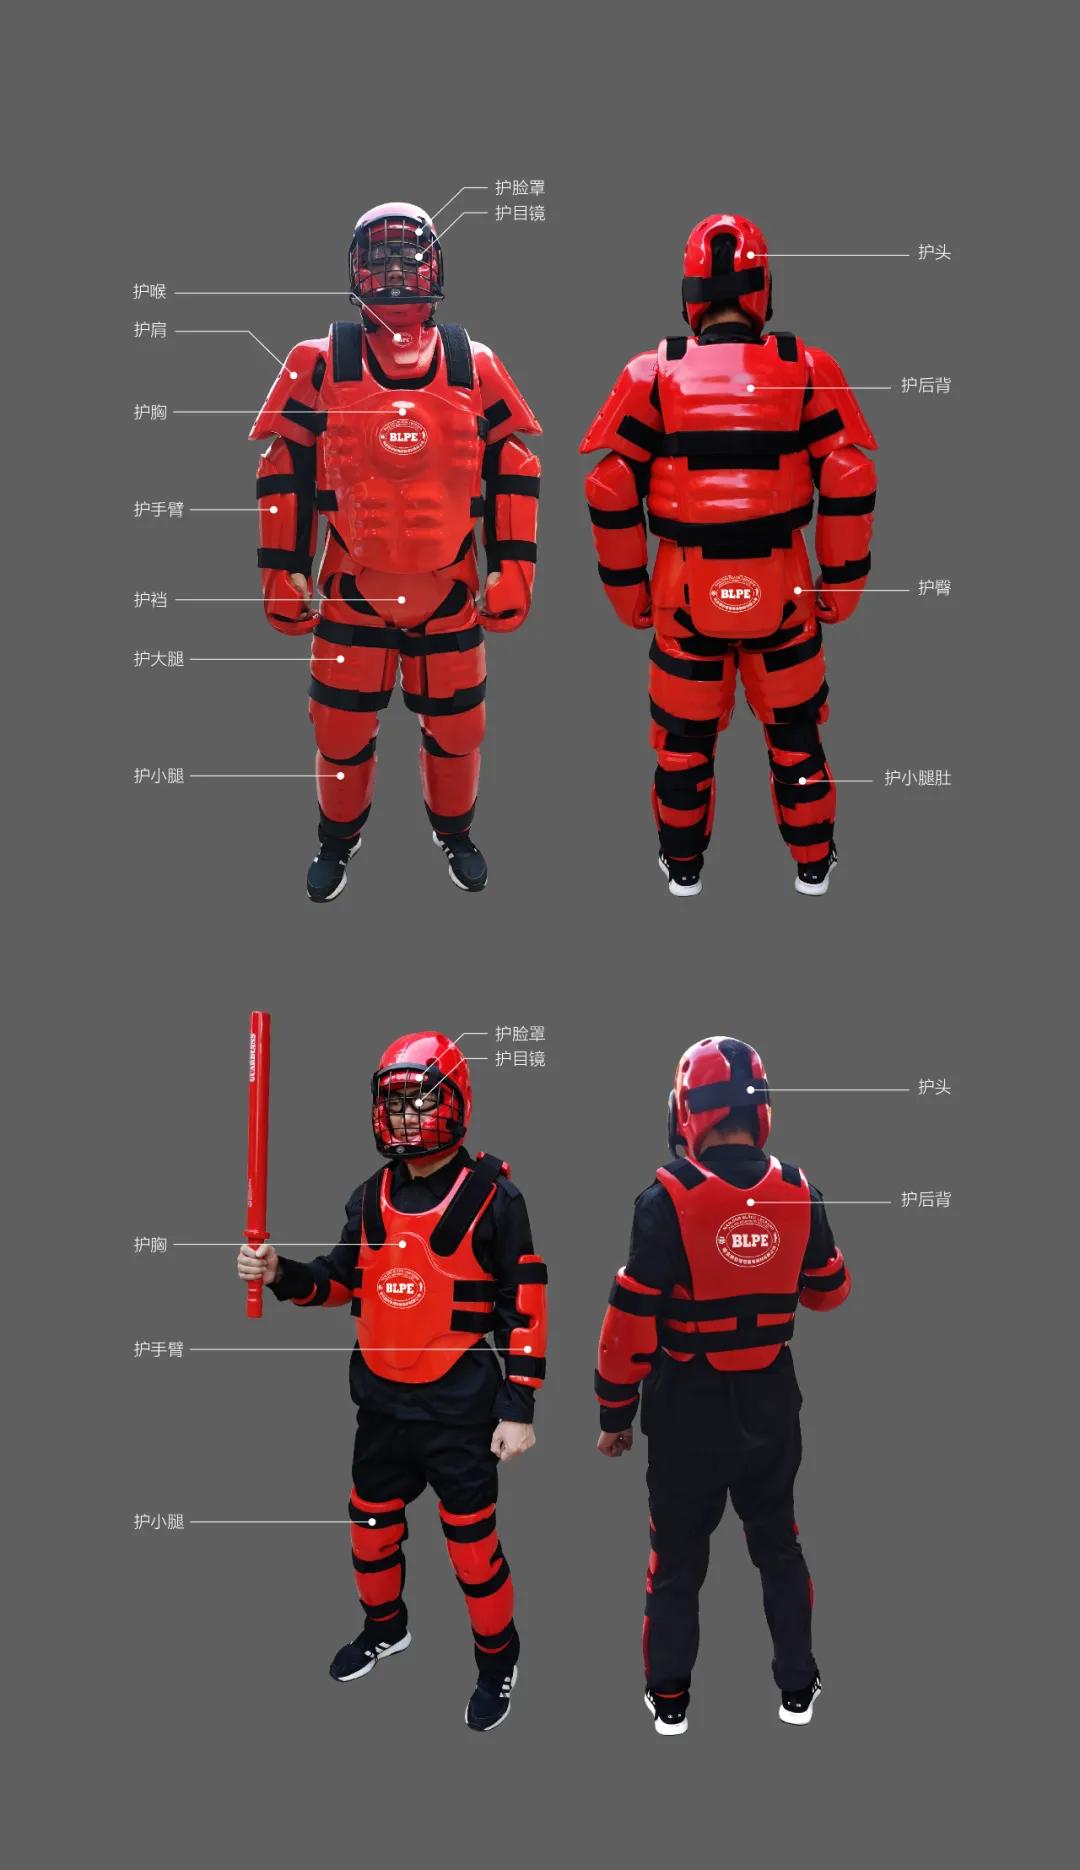 公安部012入围国产红人训练套装 厂家直销 一手货源(组图)